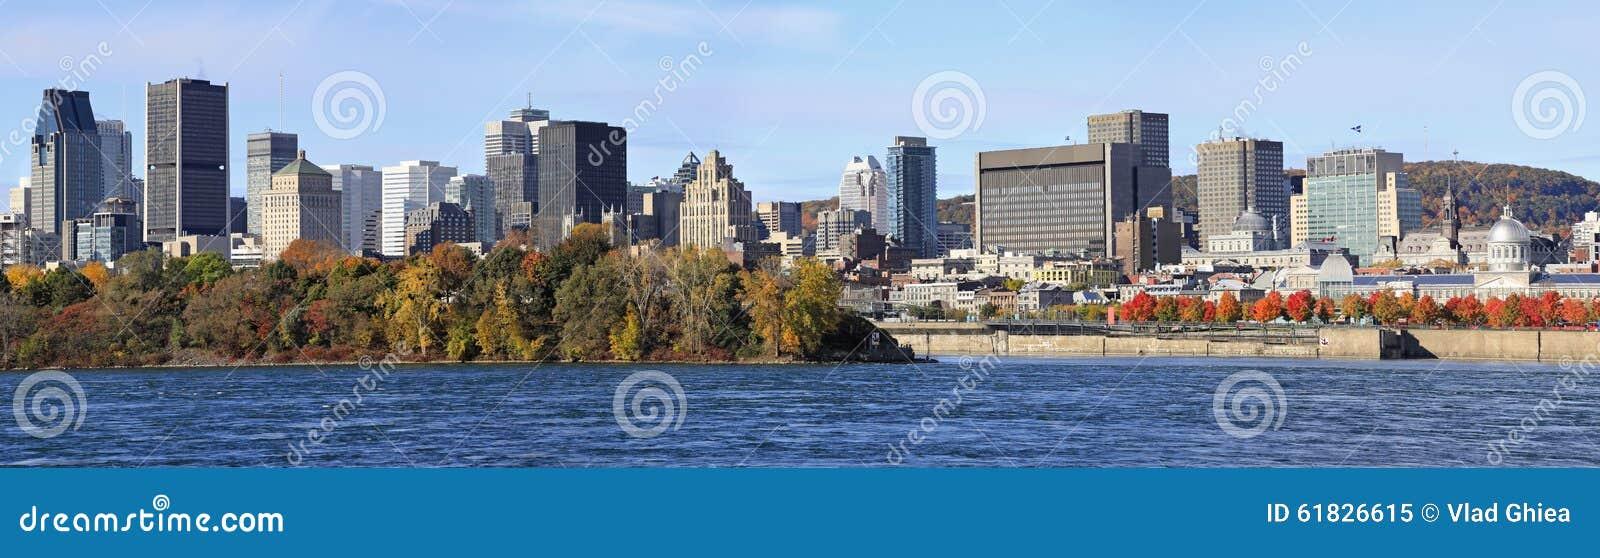 Skyline de Montreal e Saint Lawrence River no outono, Quebeque